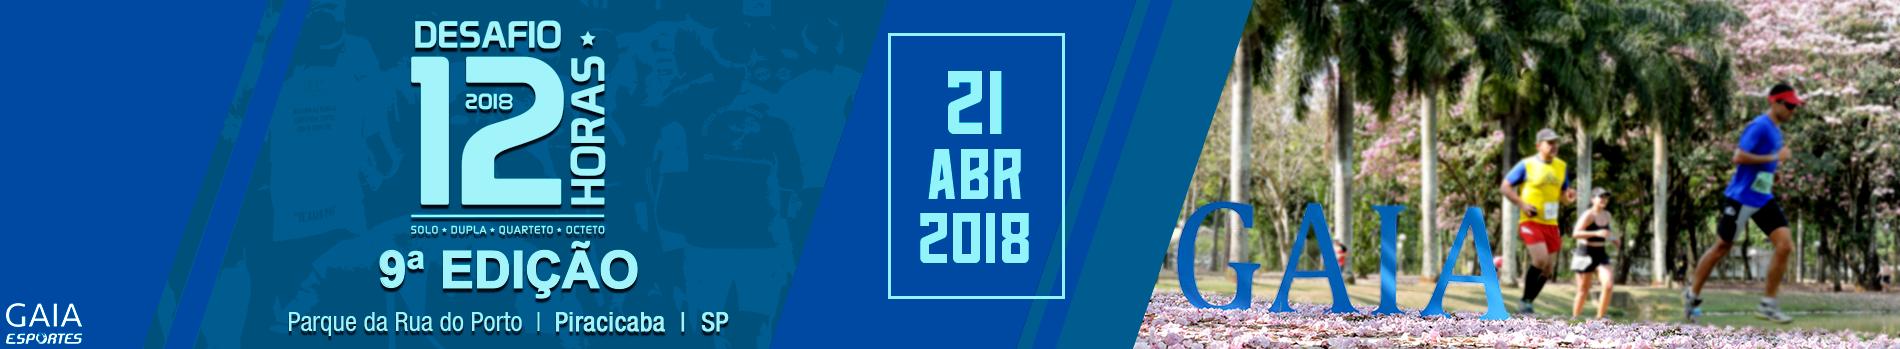 DESAFIO 12 HORAS  - 2018 - Imagem de topo